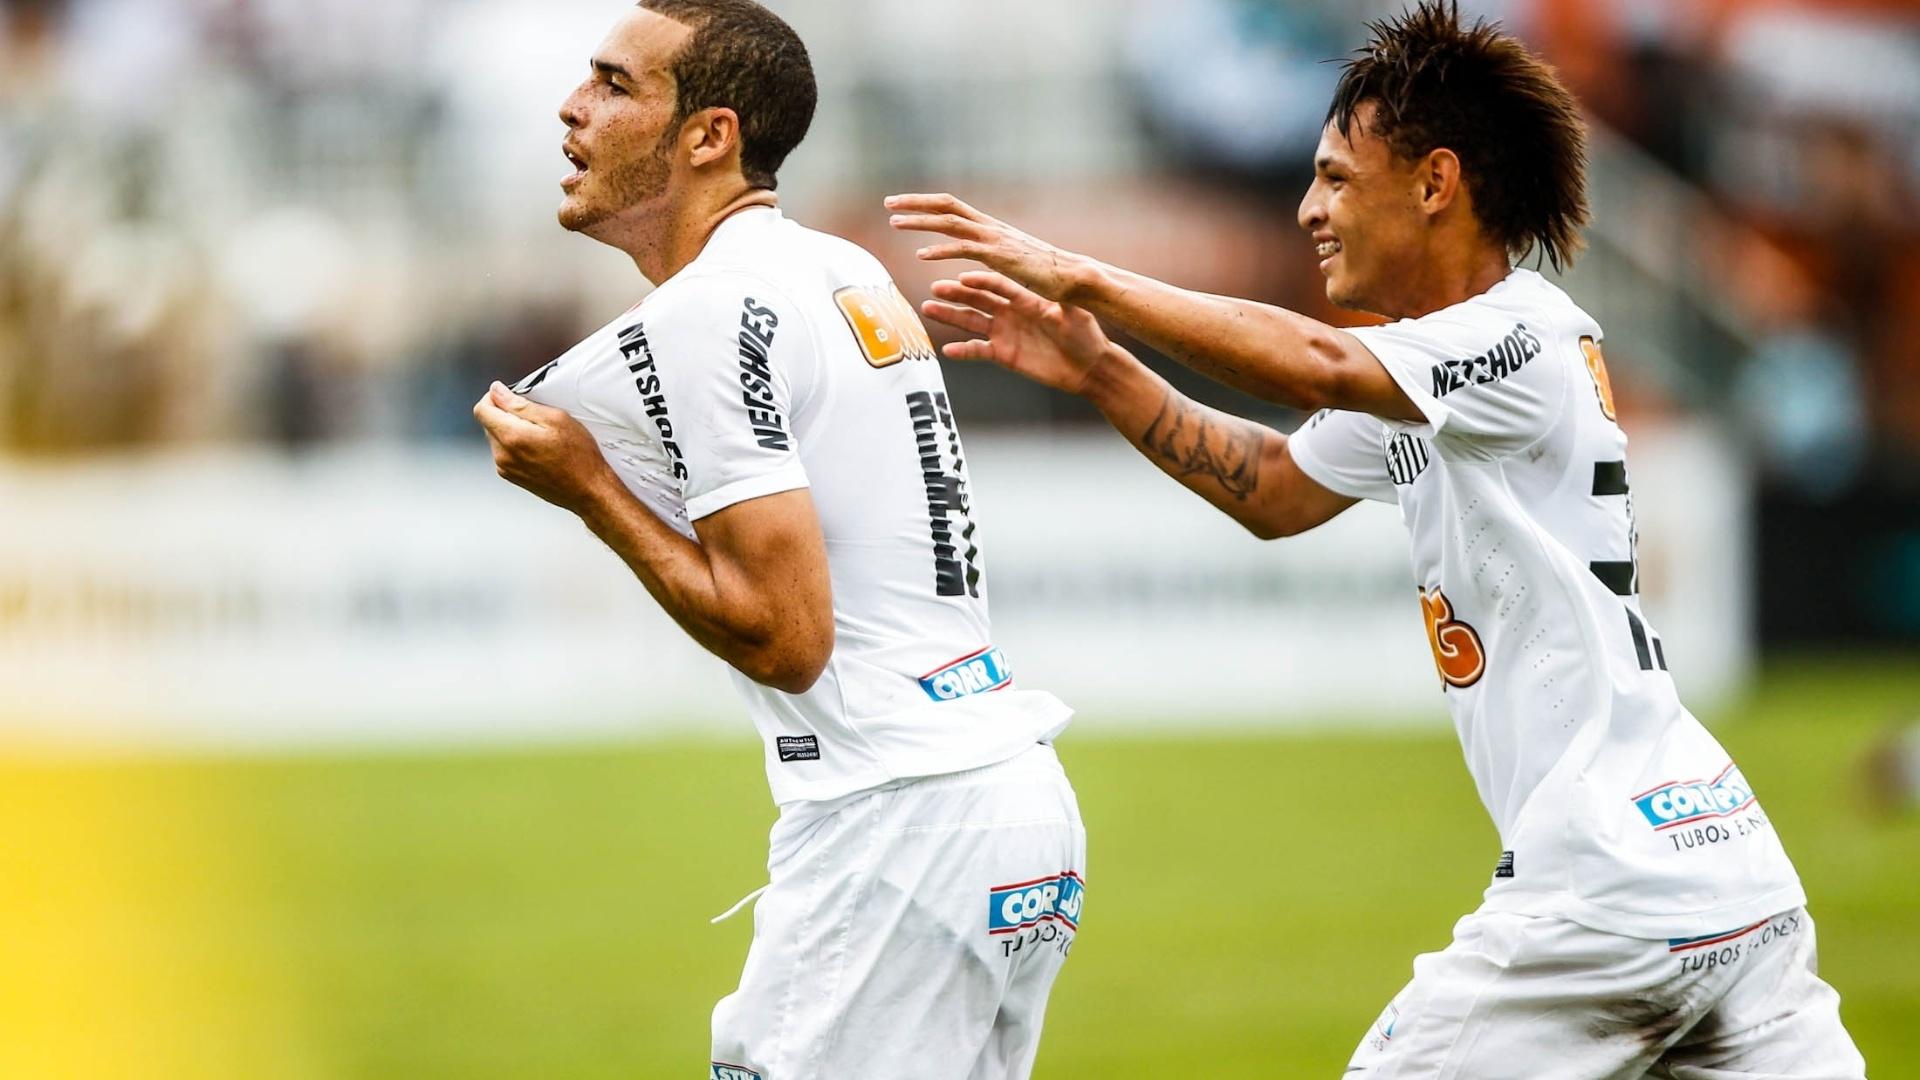 25.jan.2013 - Pedro Castro e Neílton, autores dos 2 primeiros gols do Santos, comemoram na decisão da Copa SP